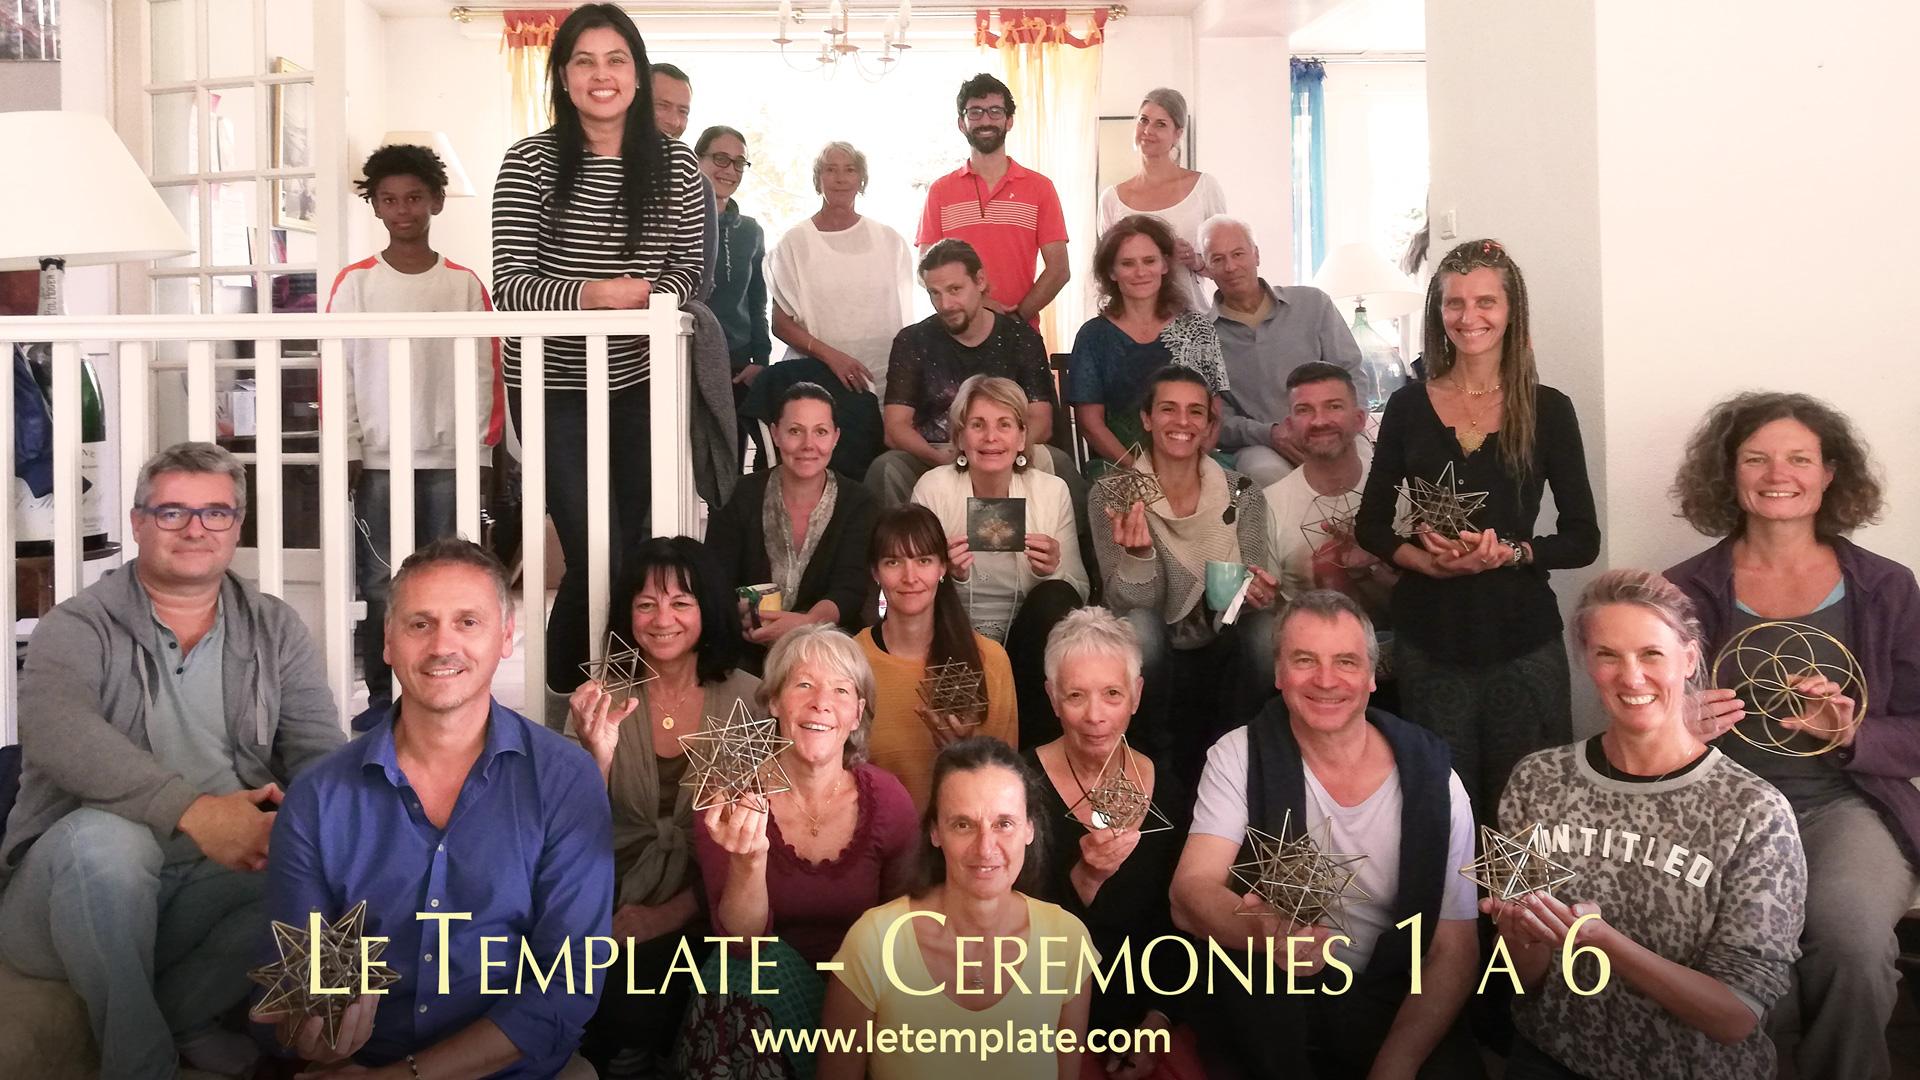 Le Template C1-C6 France 2019